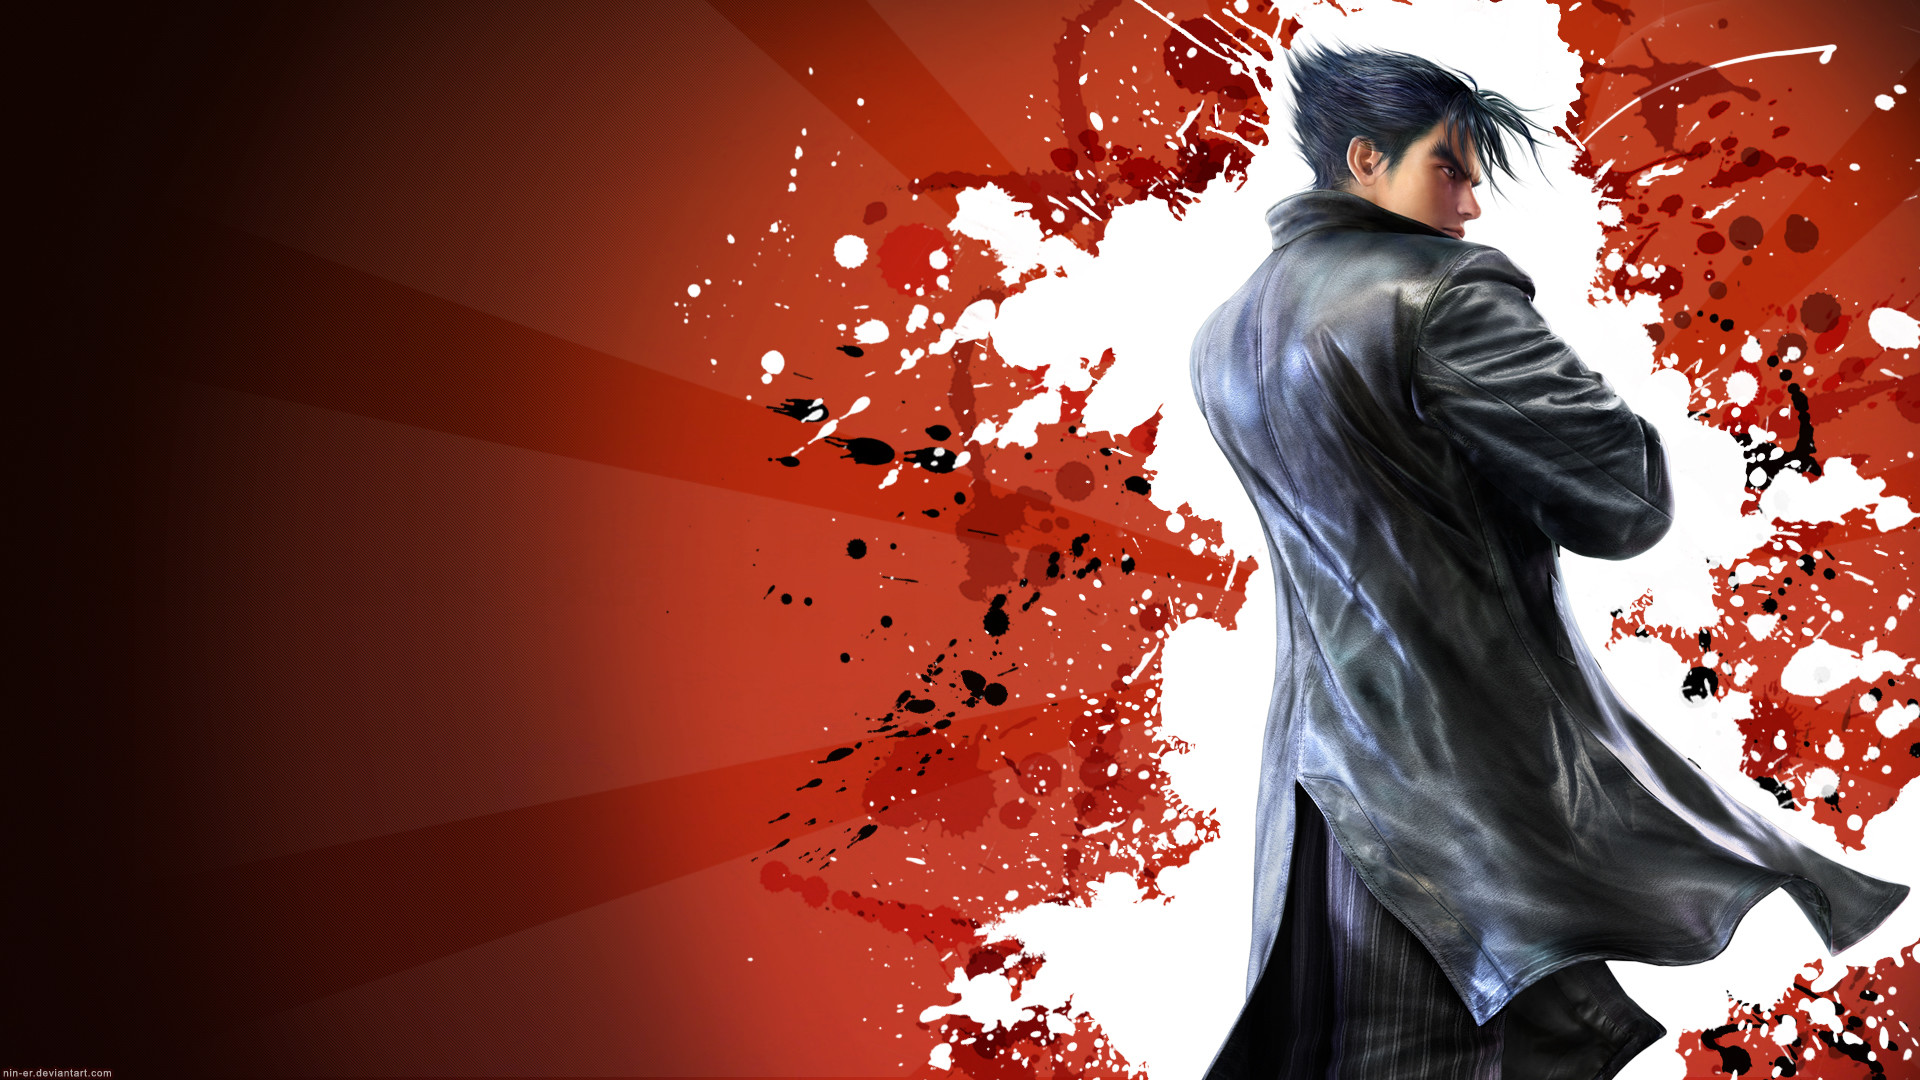 Tekken Wallpaper HD